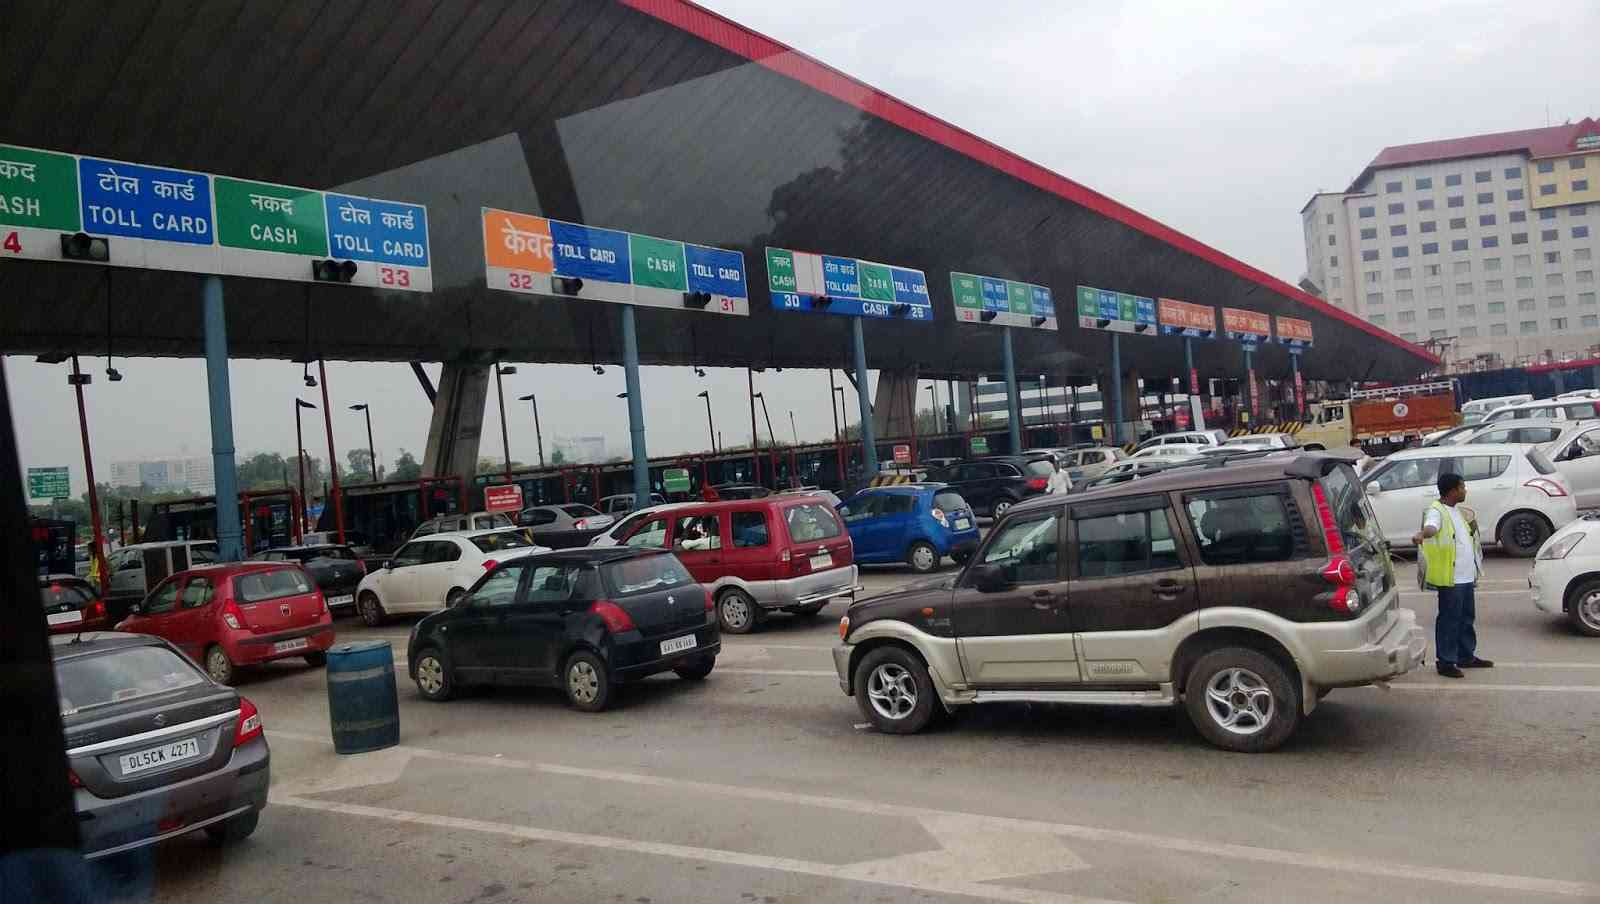 राजस्थान में 1 अप्रैल से नहीं लगेगा टोल टैक्स